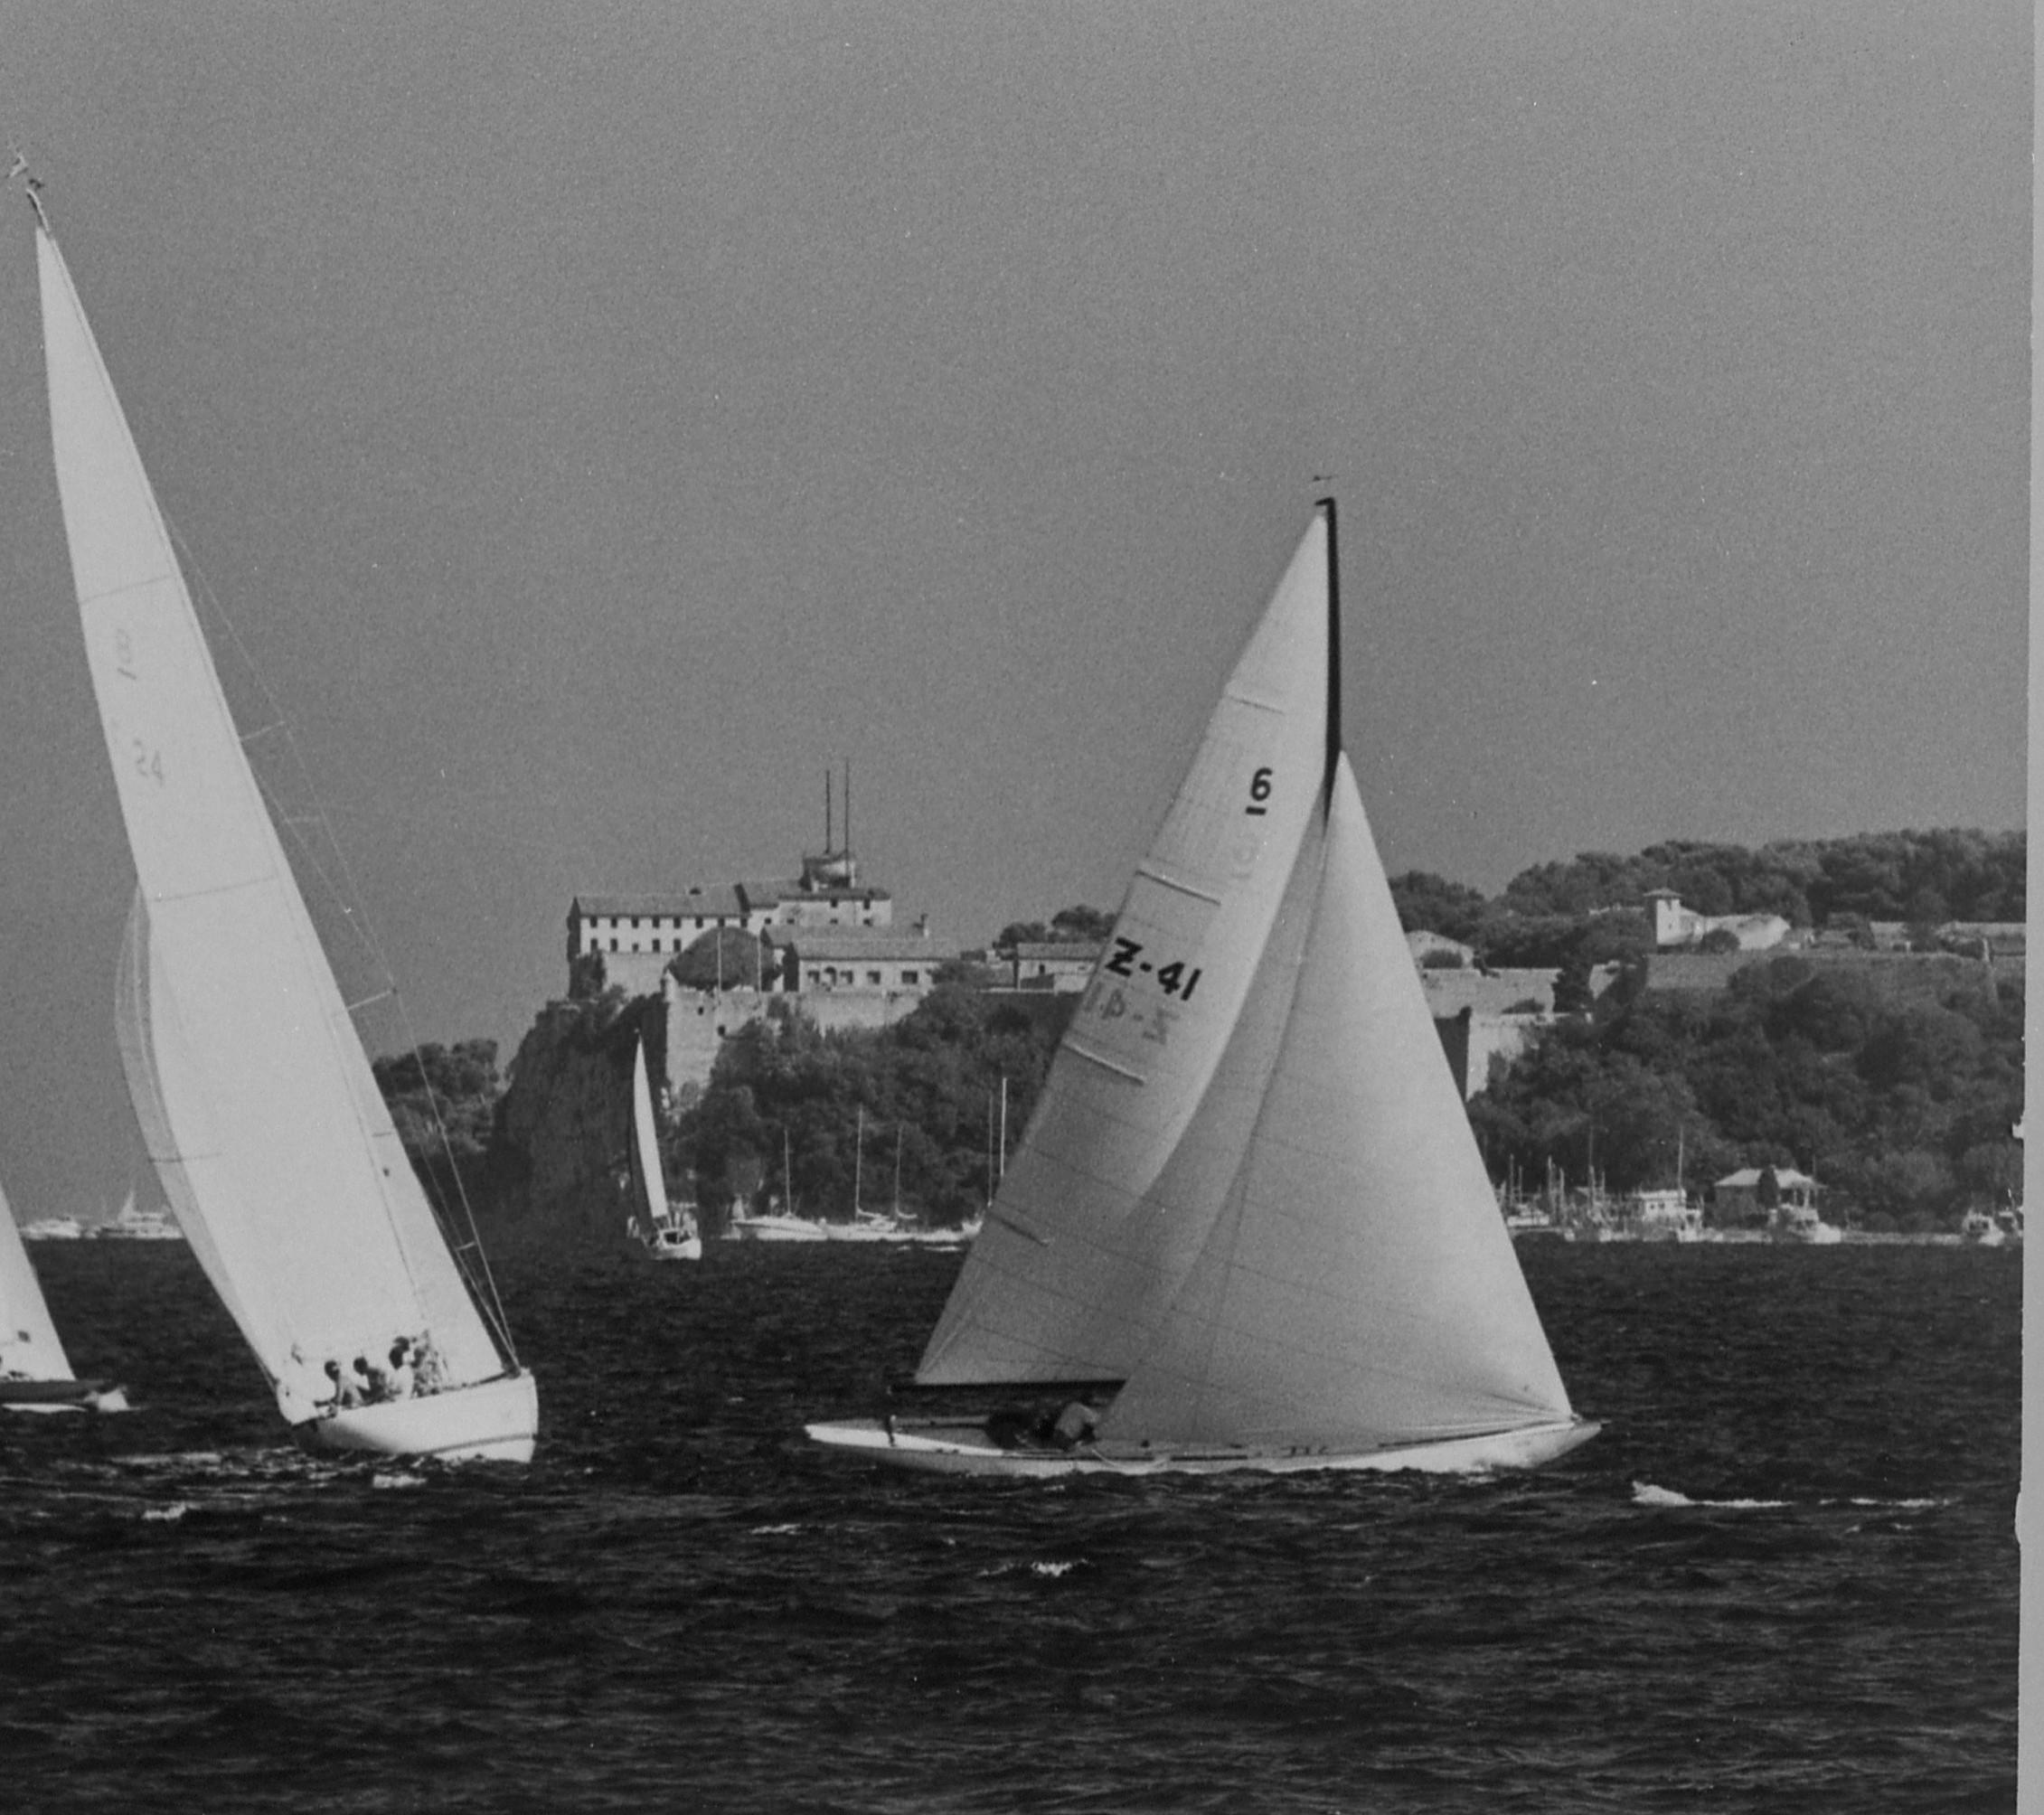 Two sailing boats racing